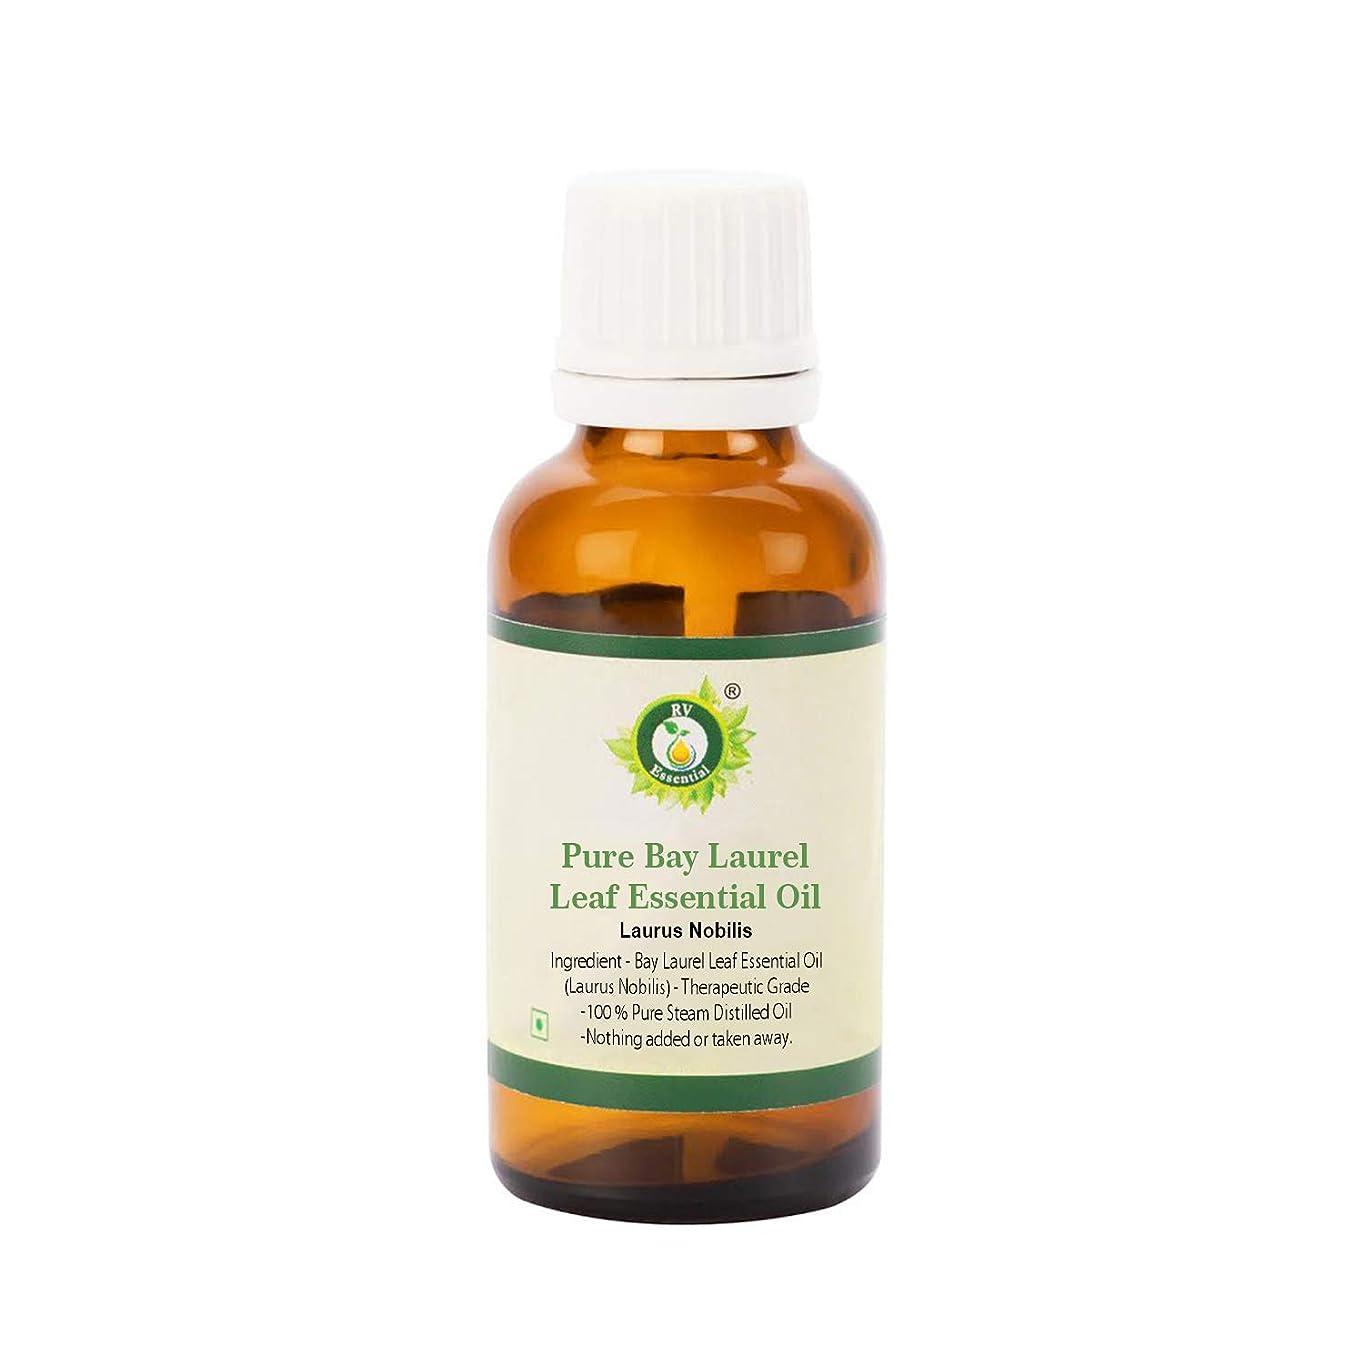 待って生産的予約R V Essential ピュアベイローレル Leaf エッセンシャルオイル100ml (3.38oz)- Laurus Nobilis (100%純粋&天然スチームDistilled) Pure Bay Laurel Leaf Essential Oil